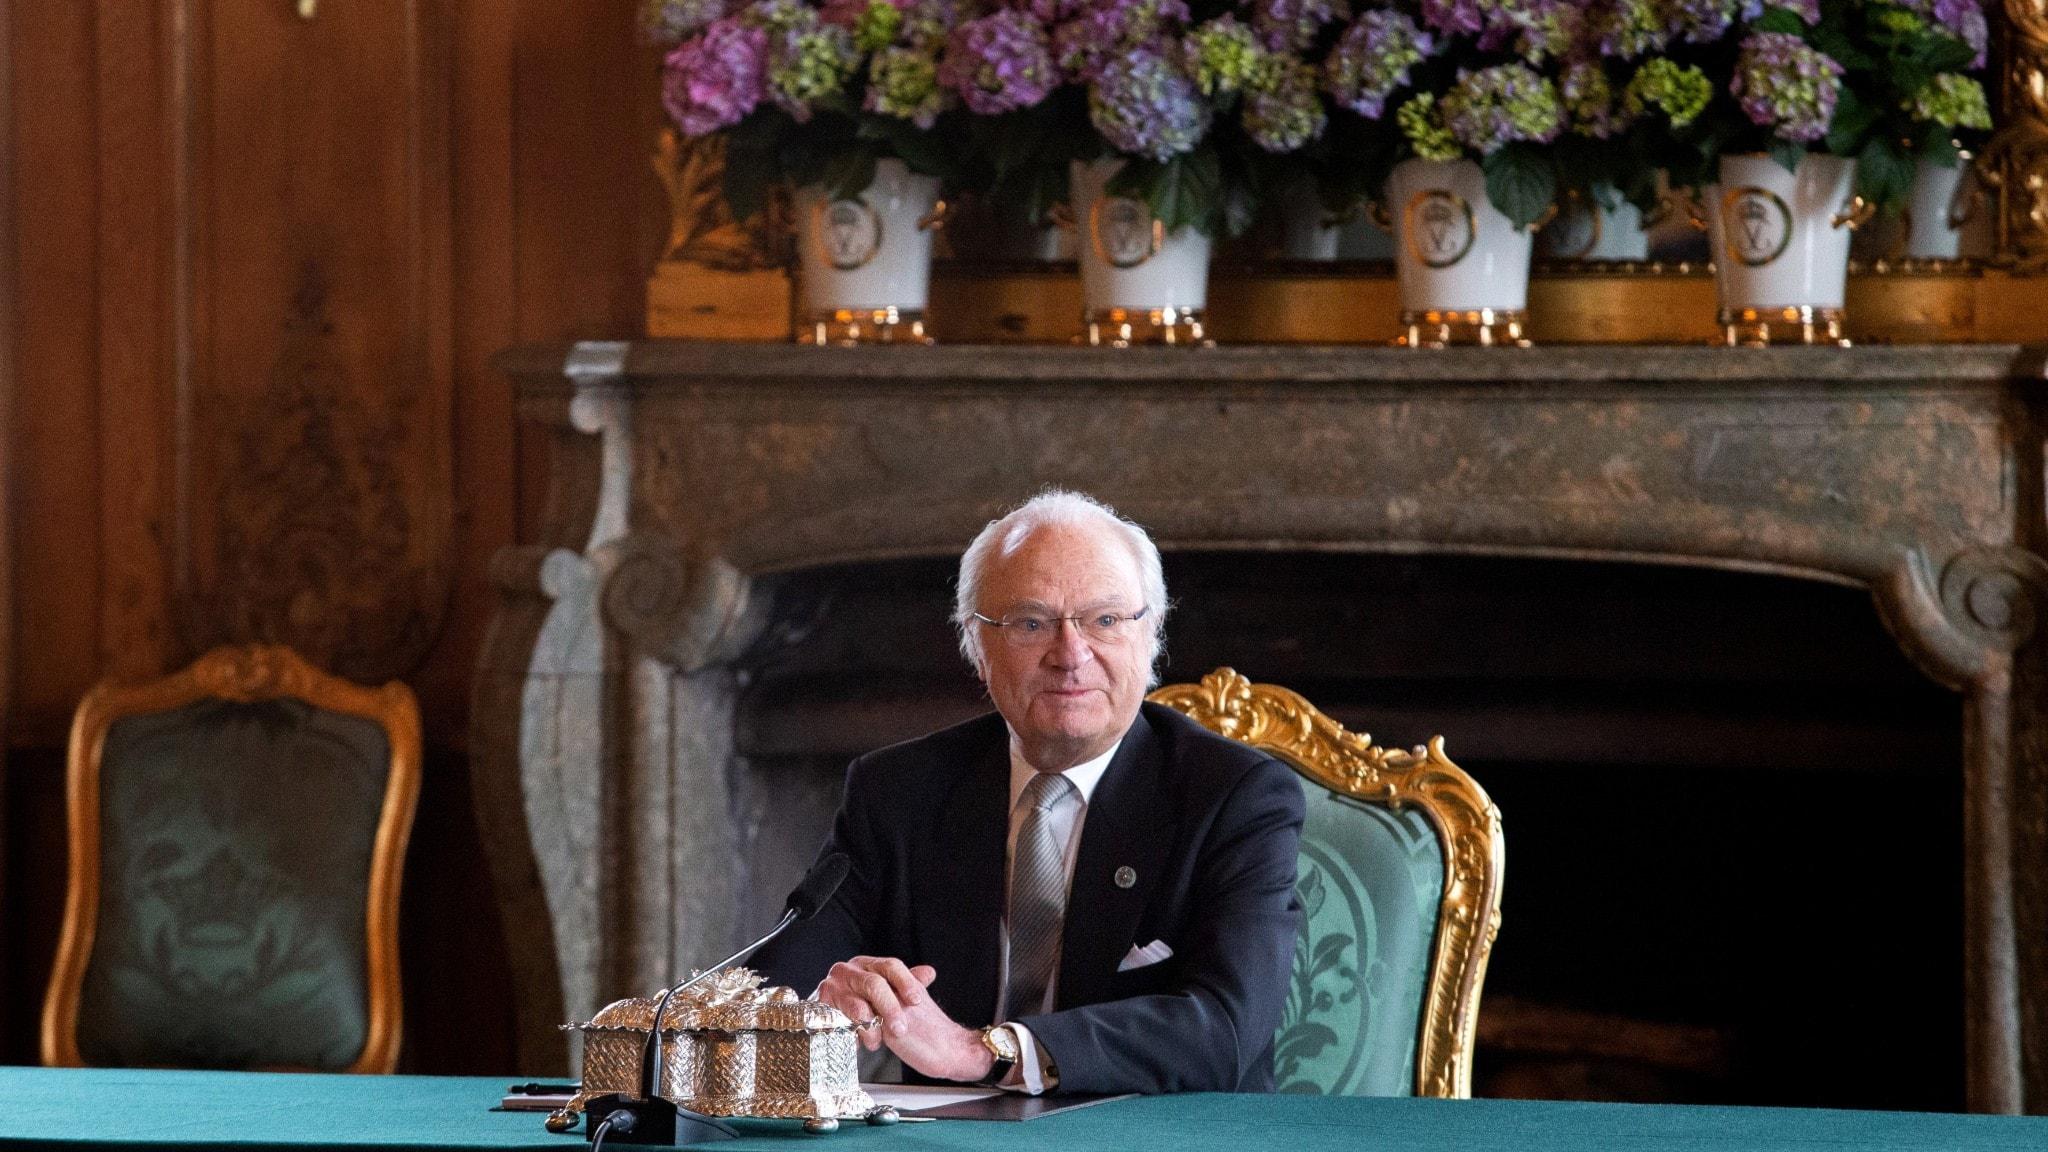 Bilden visar Sveriges kung Carl Gustaf på en stol i en stor sal med blommor och en öppen spis.